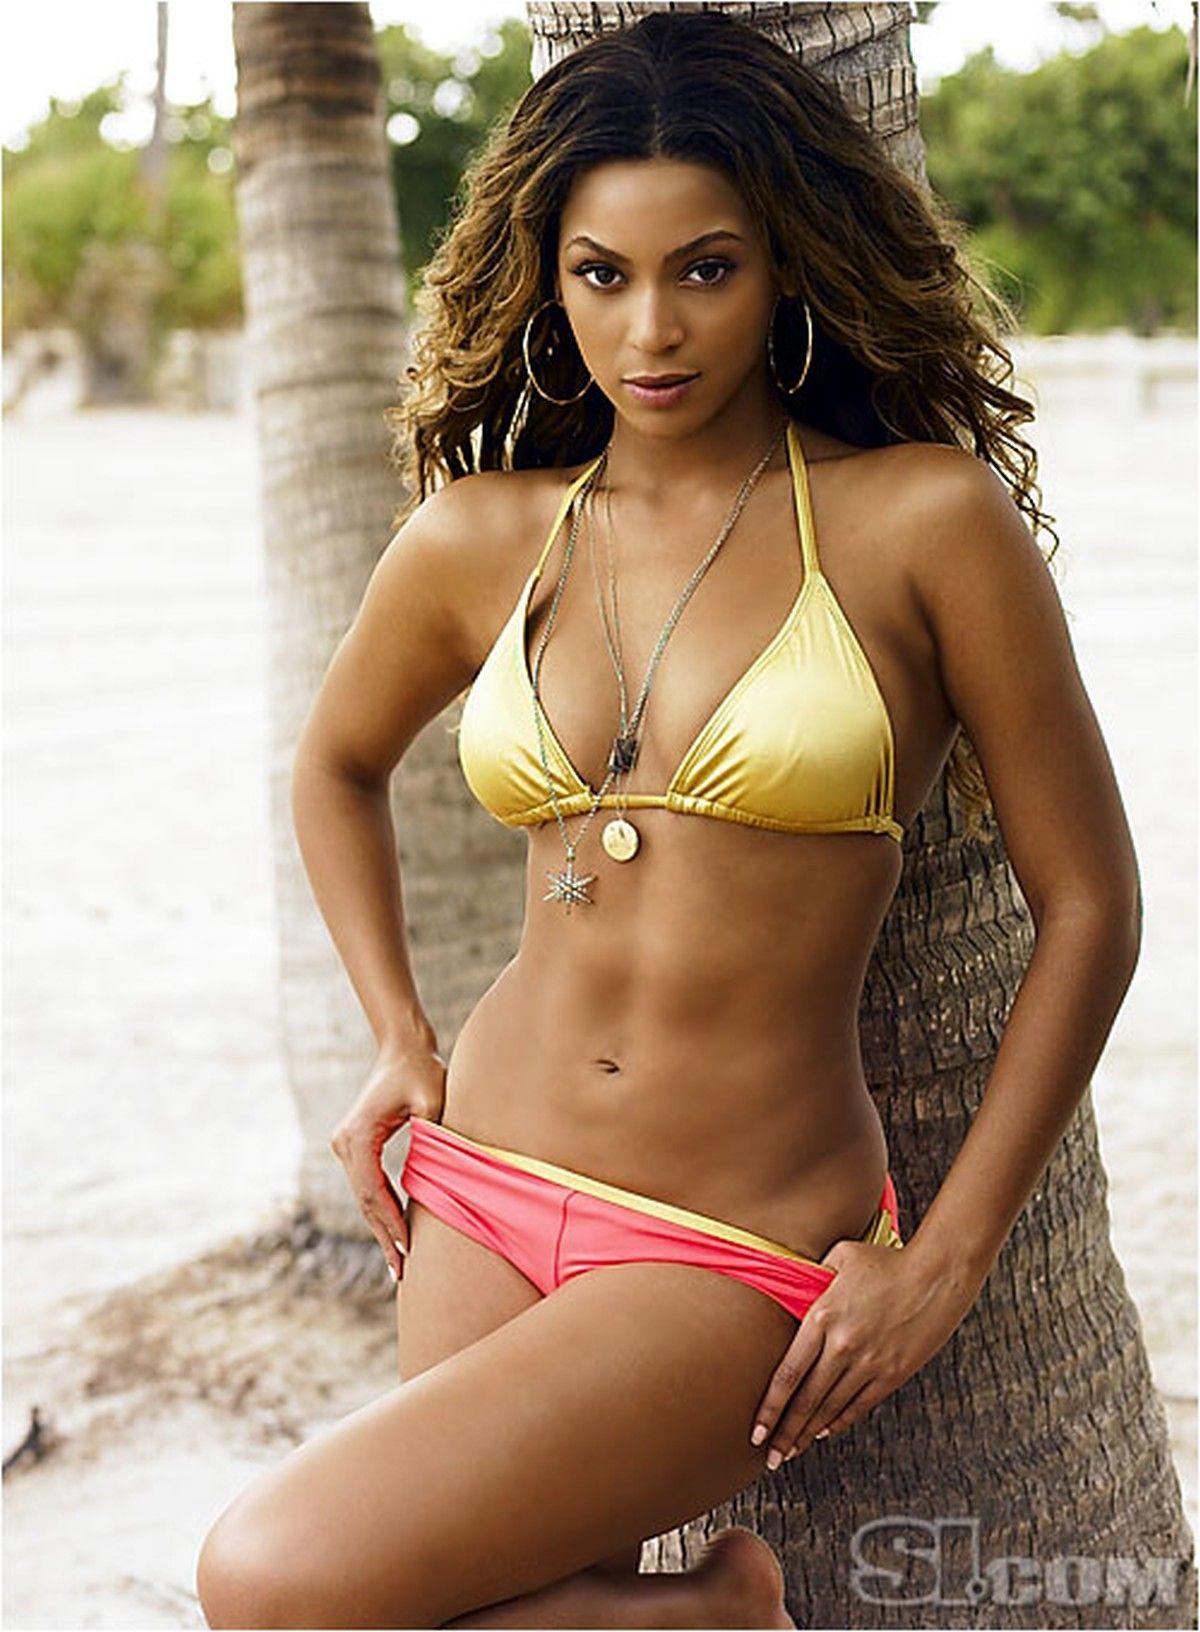 Beyonc y sus 20 mejores fotos en bikini - Zelebes